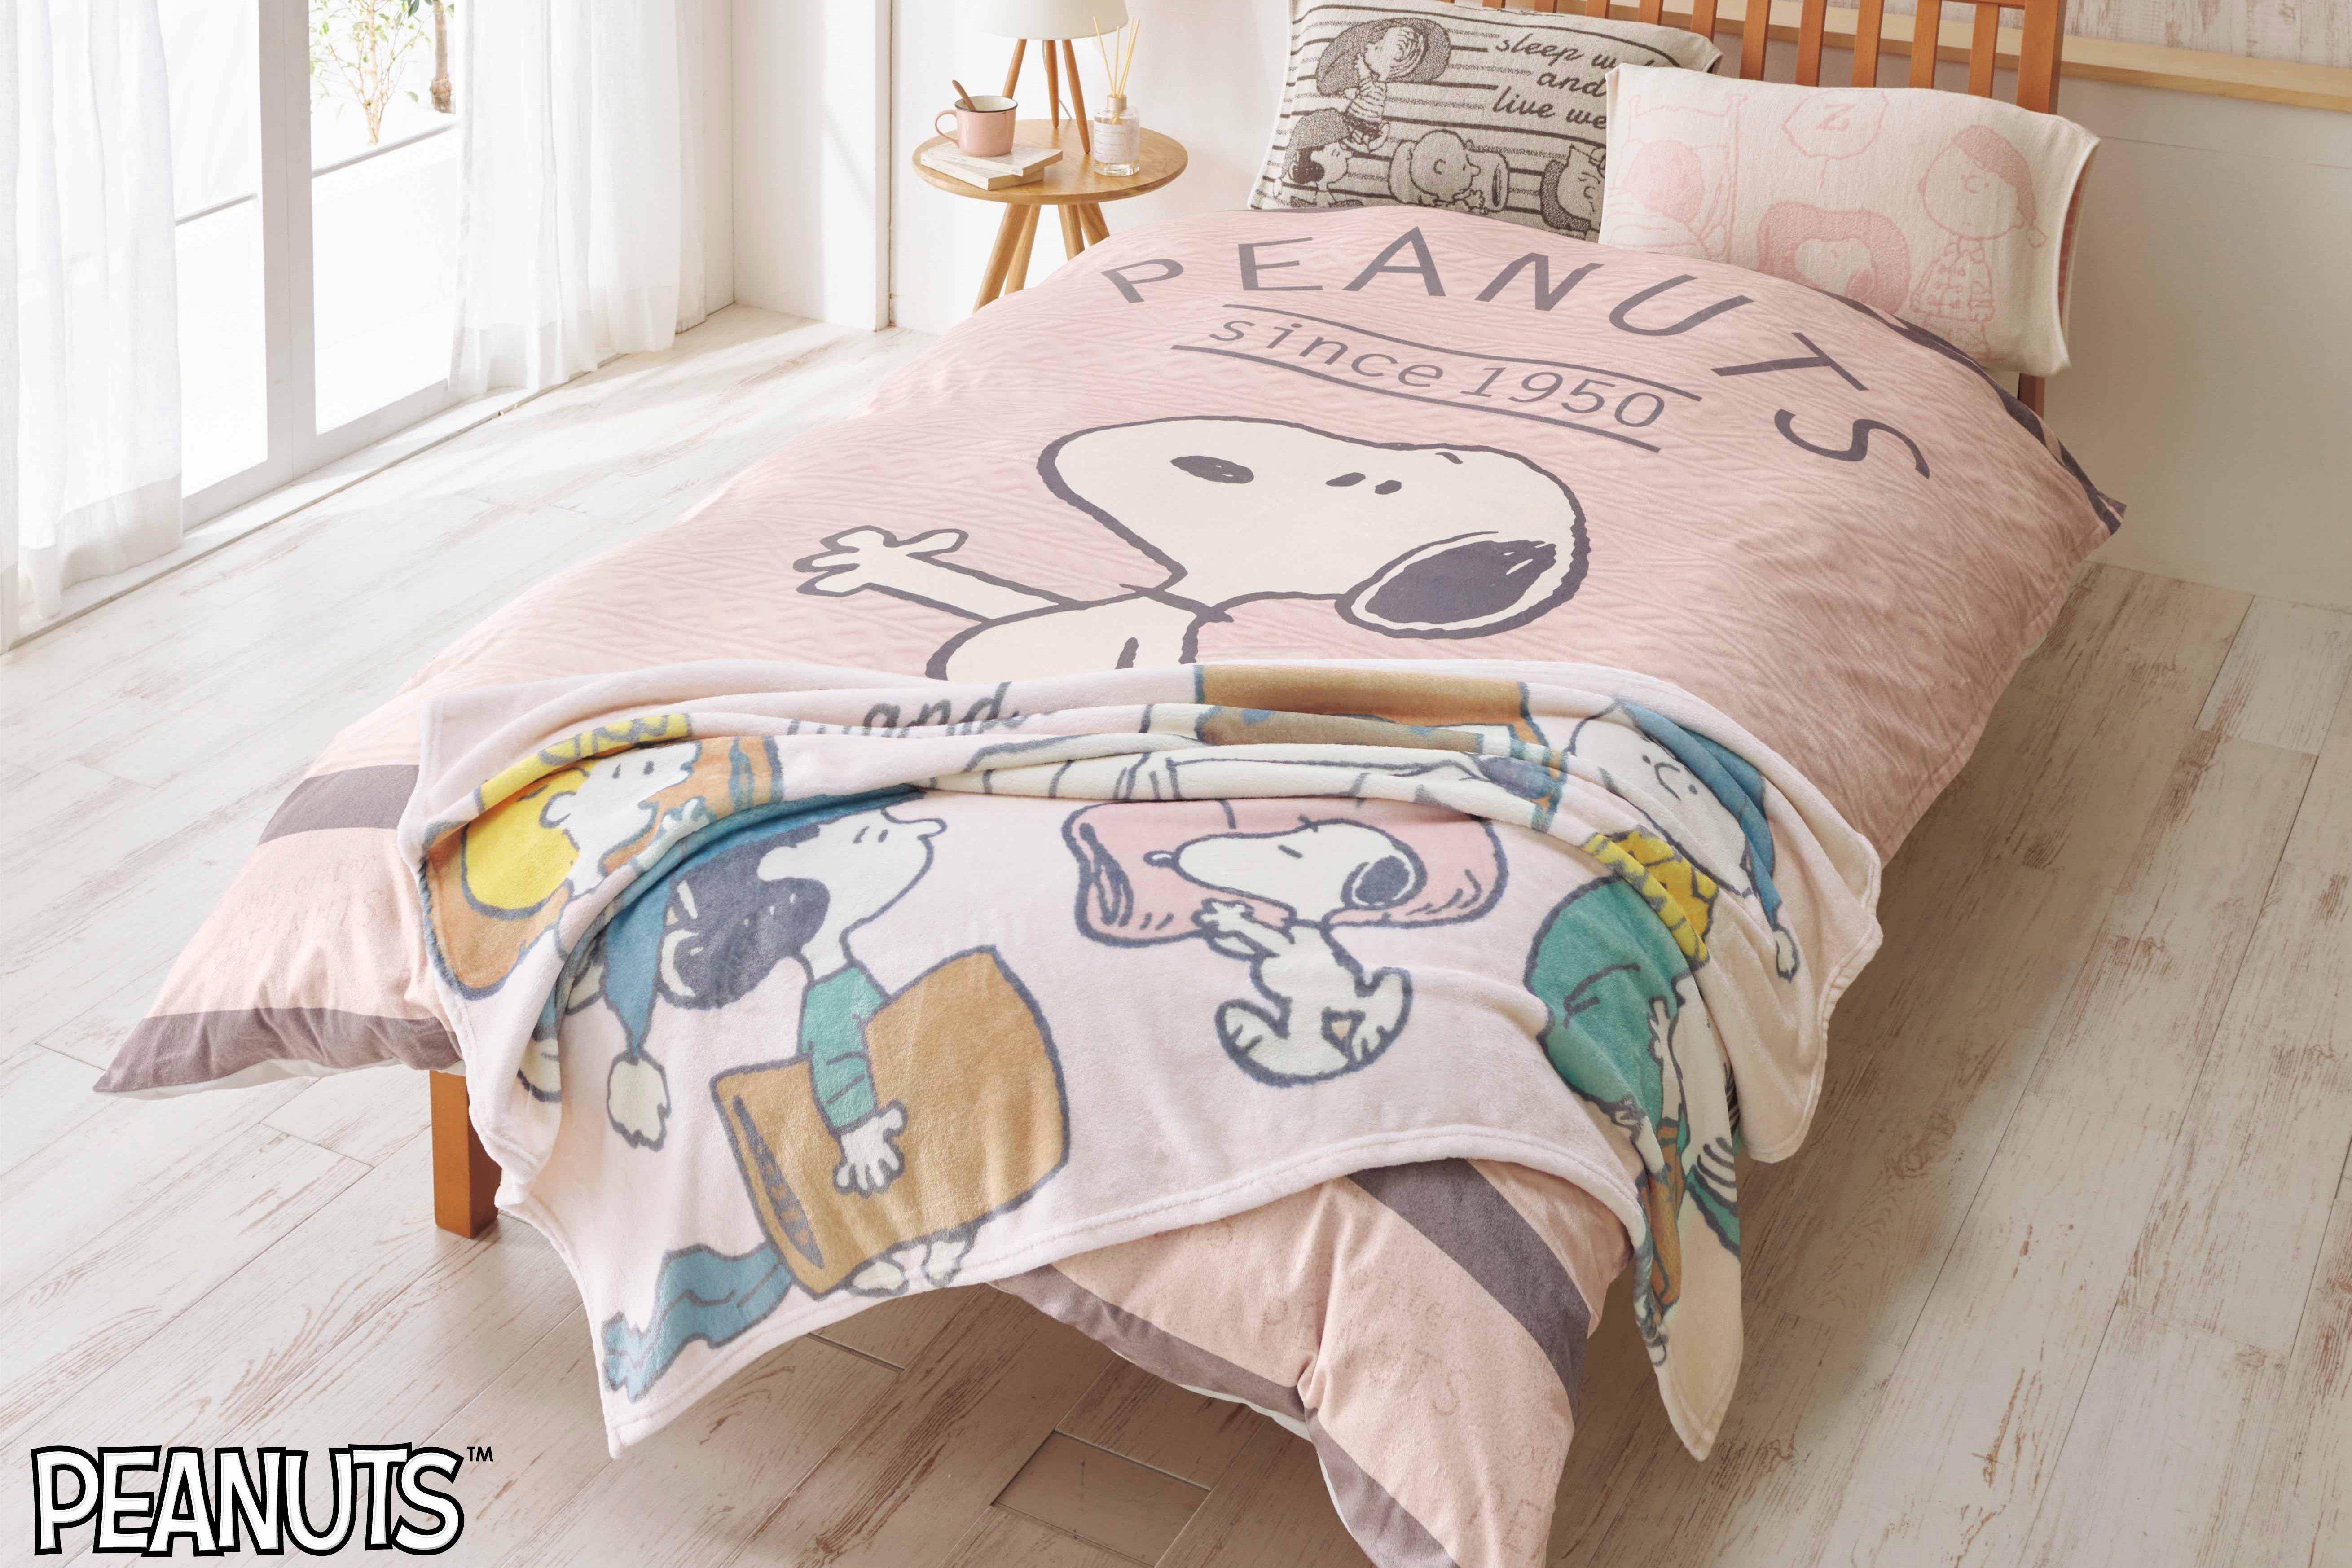 ブーム中「スヌーピー」【西川】2021年秋冬寝具が可愛すぎ。早速反響の声